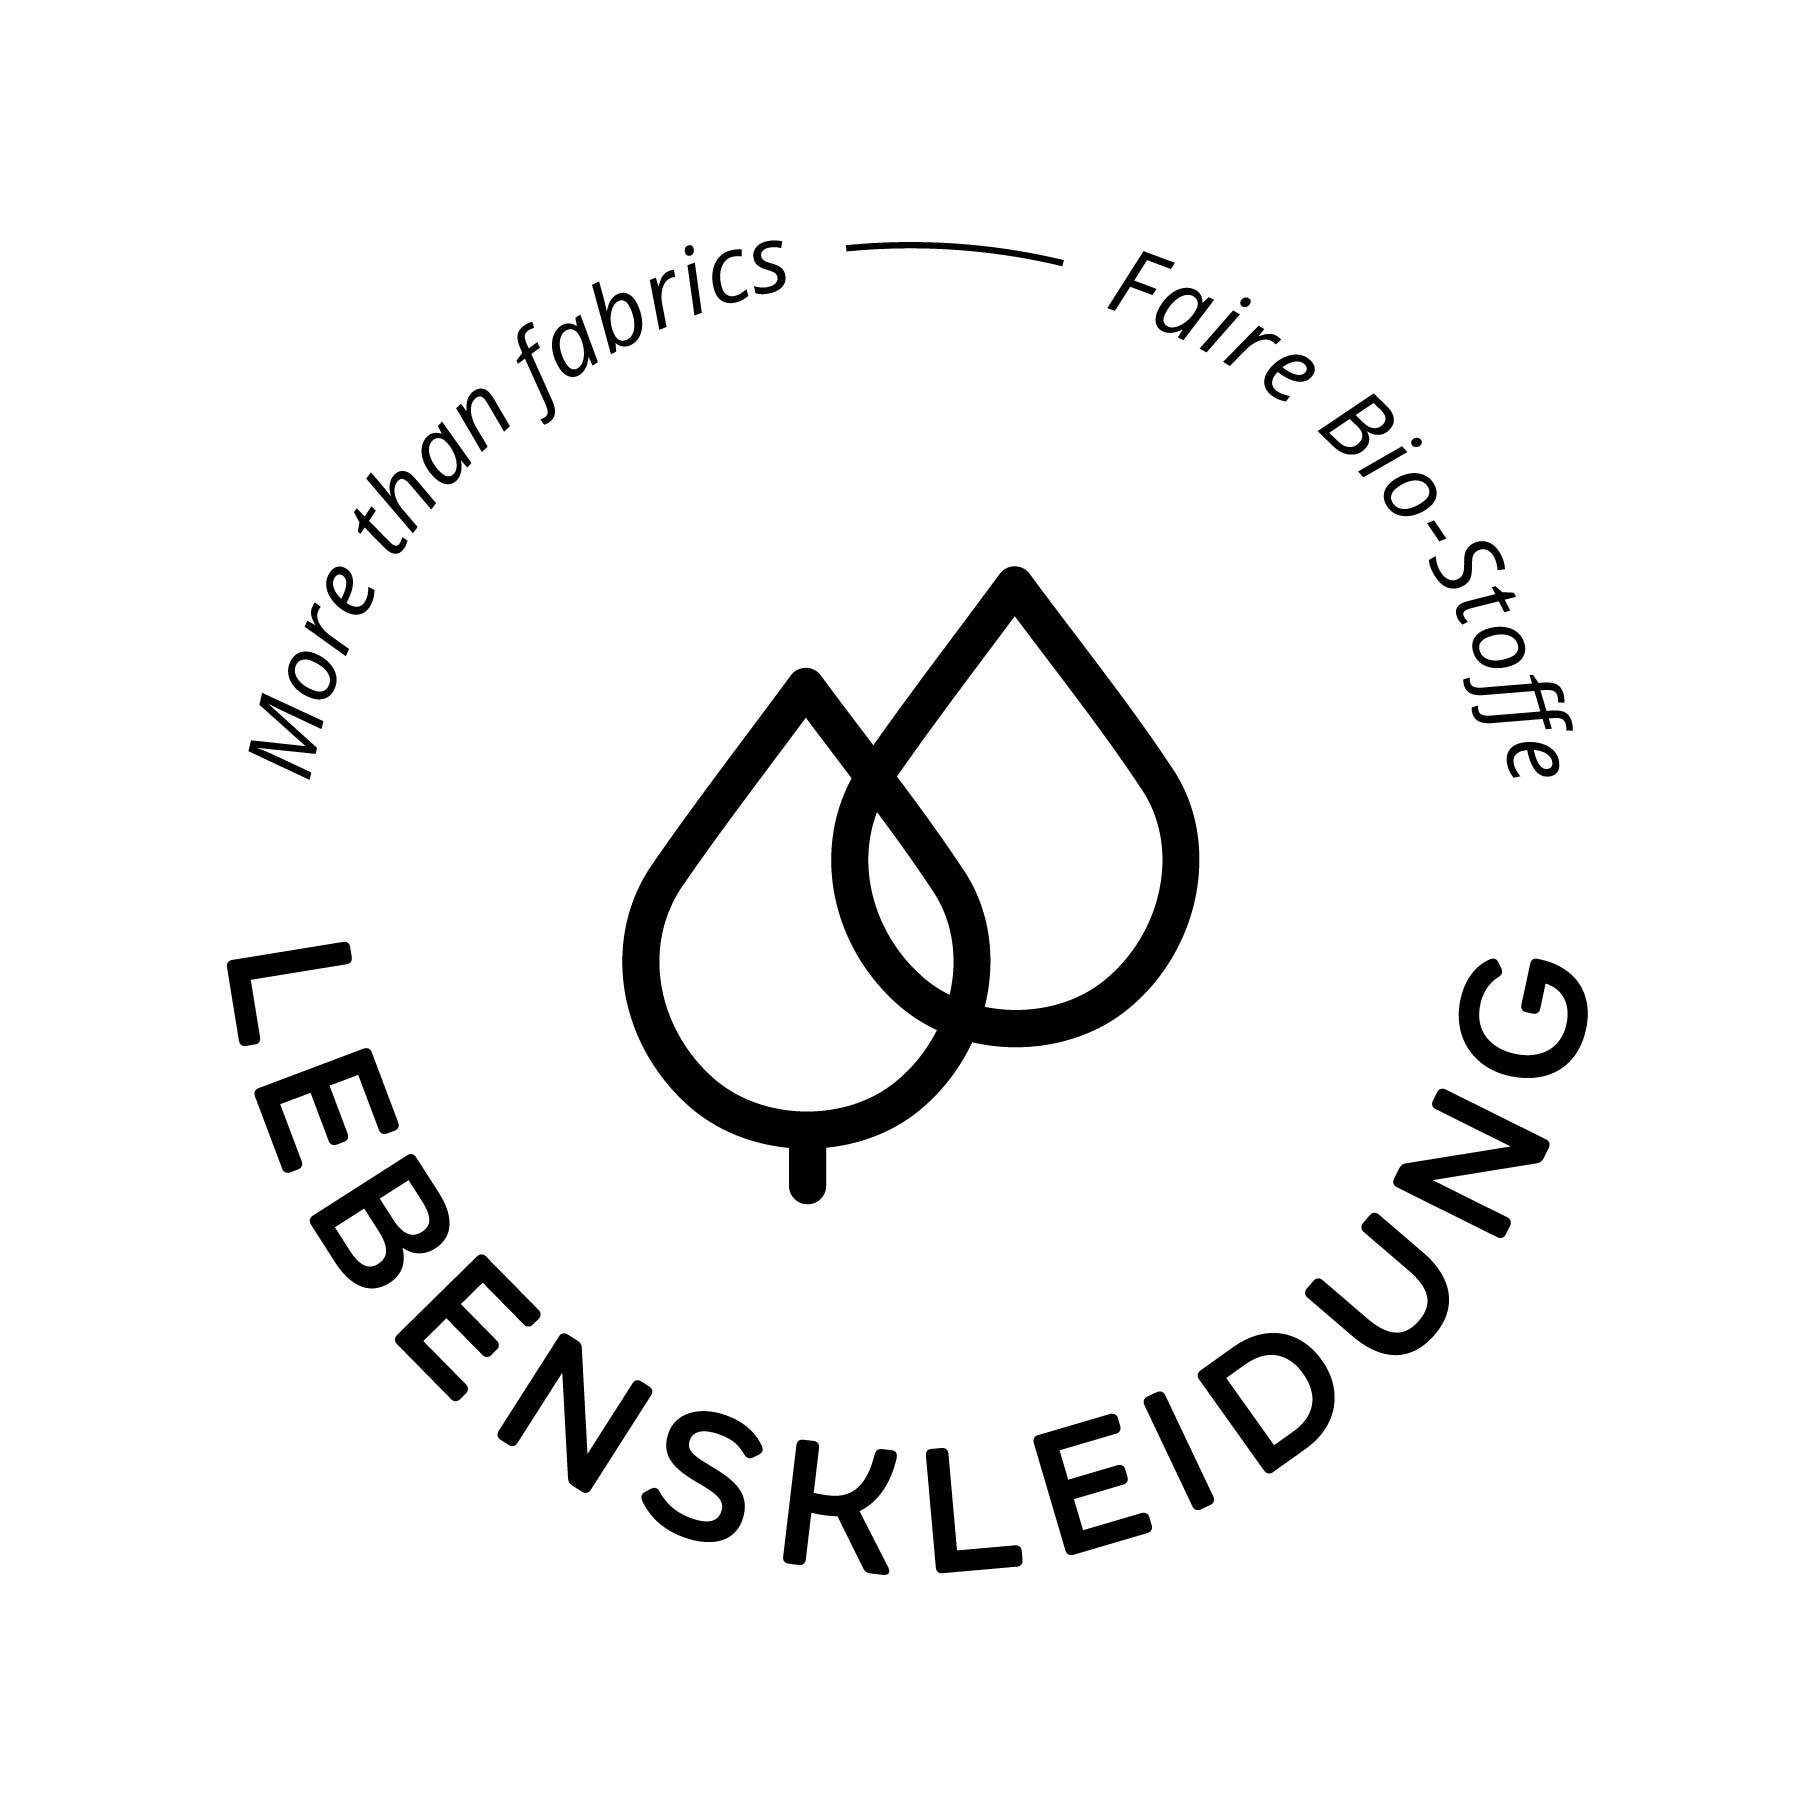 Bio Tessuto di RIB 2x1 (Polsino) - Screziato - Scuro-1